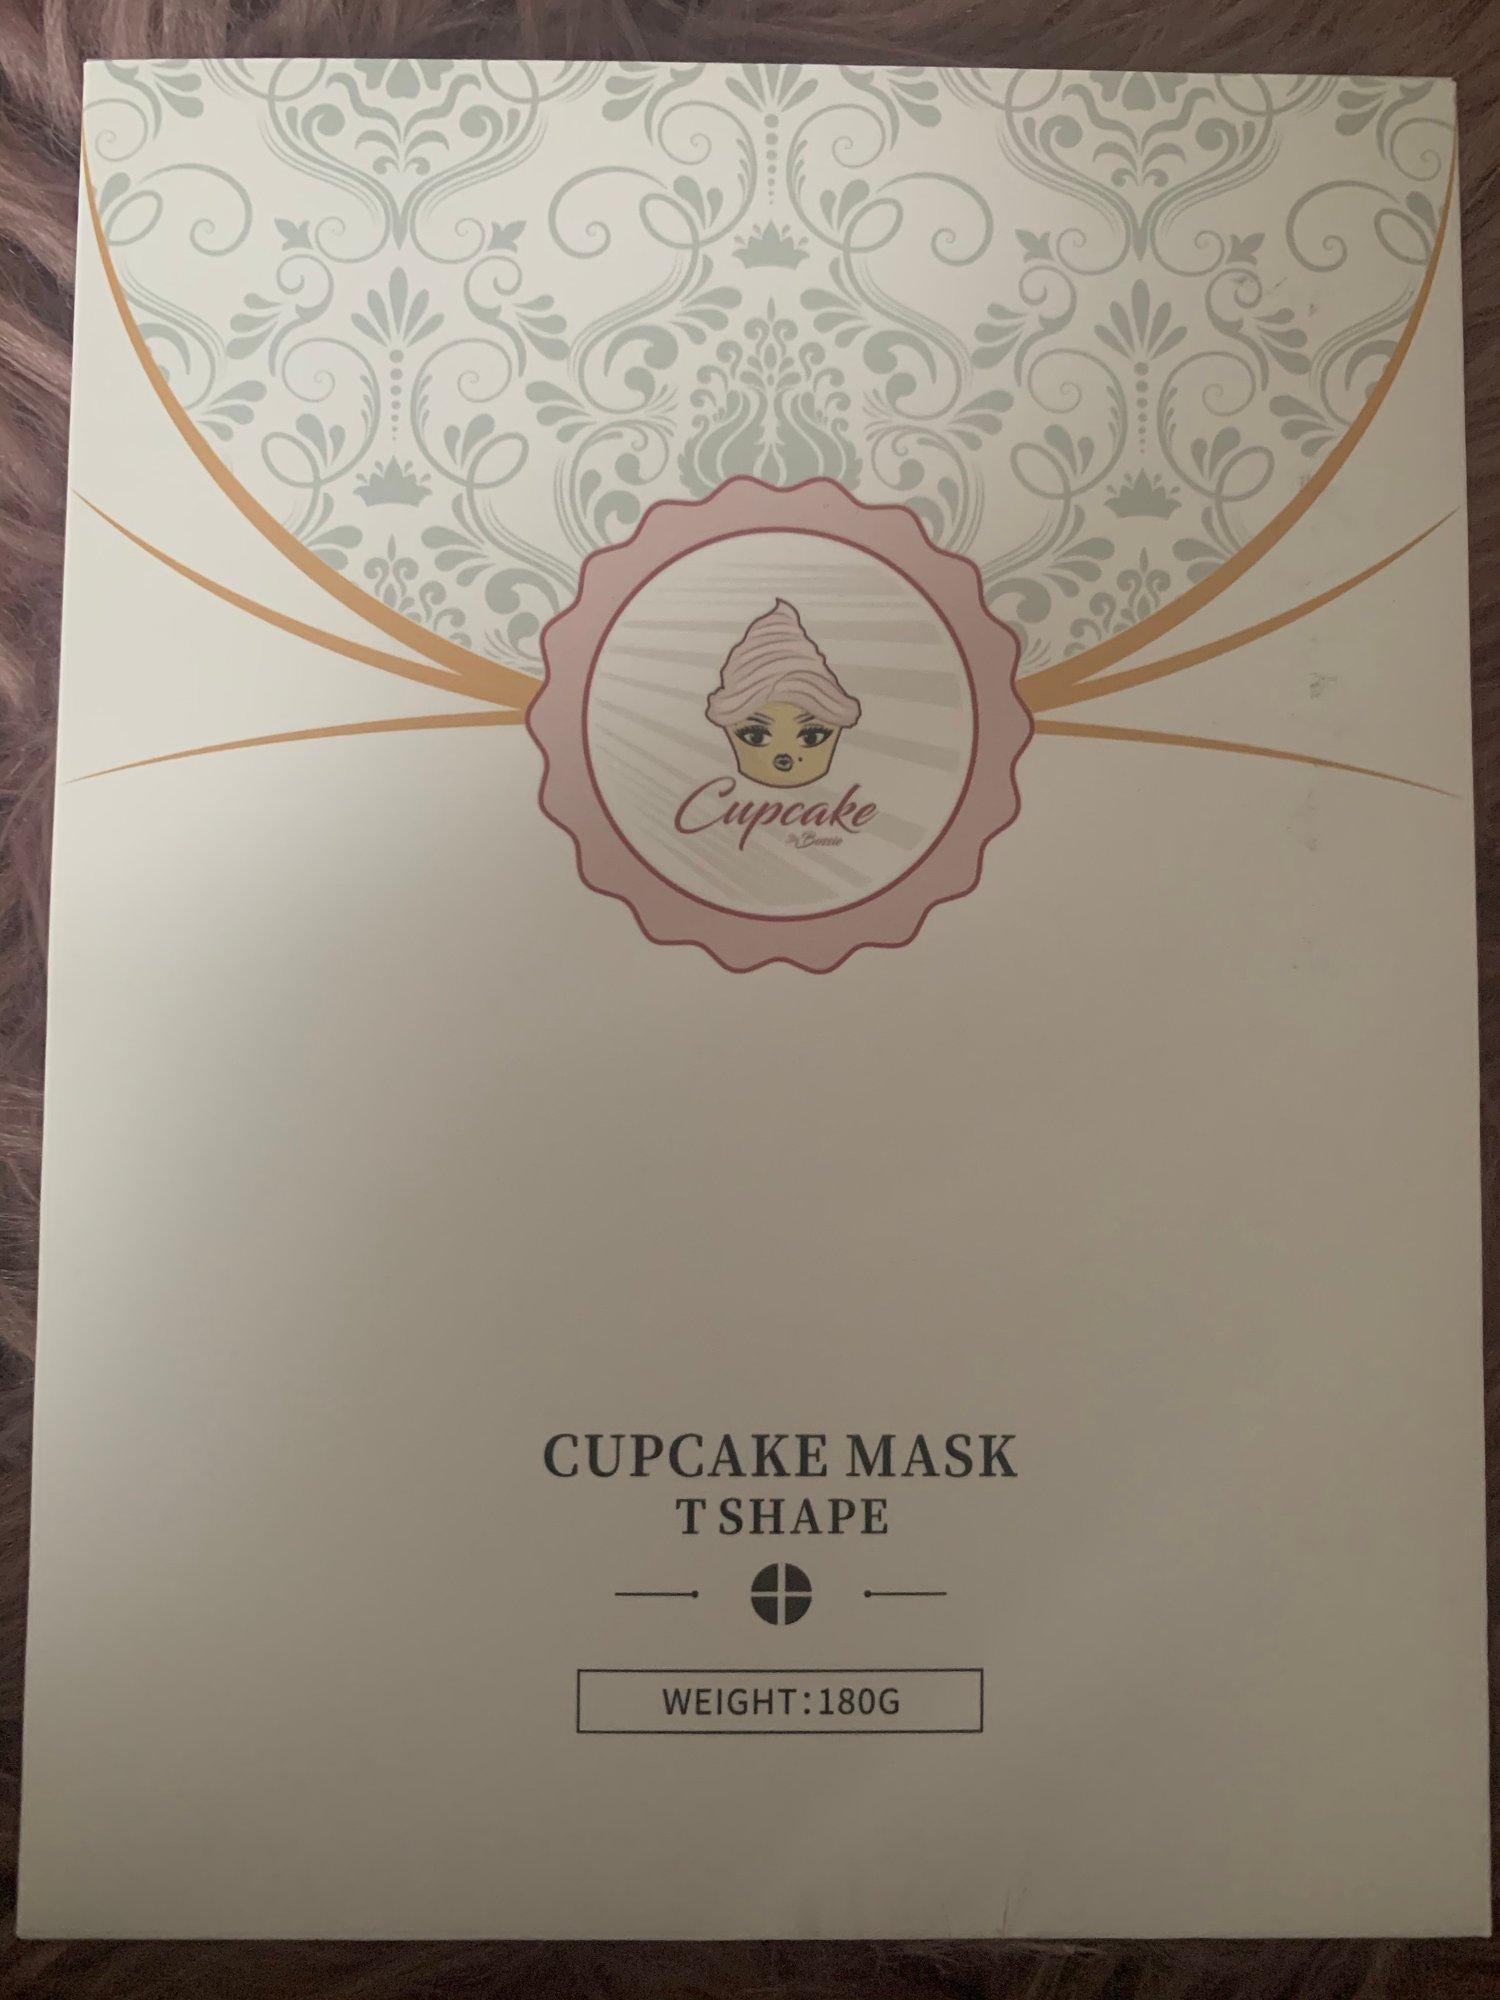 Image of Cupcake Mask